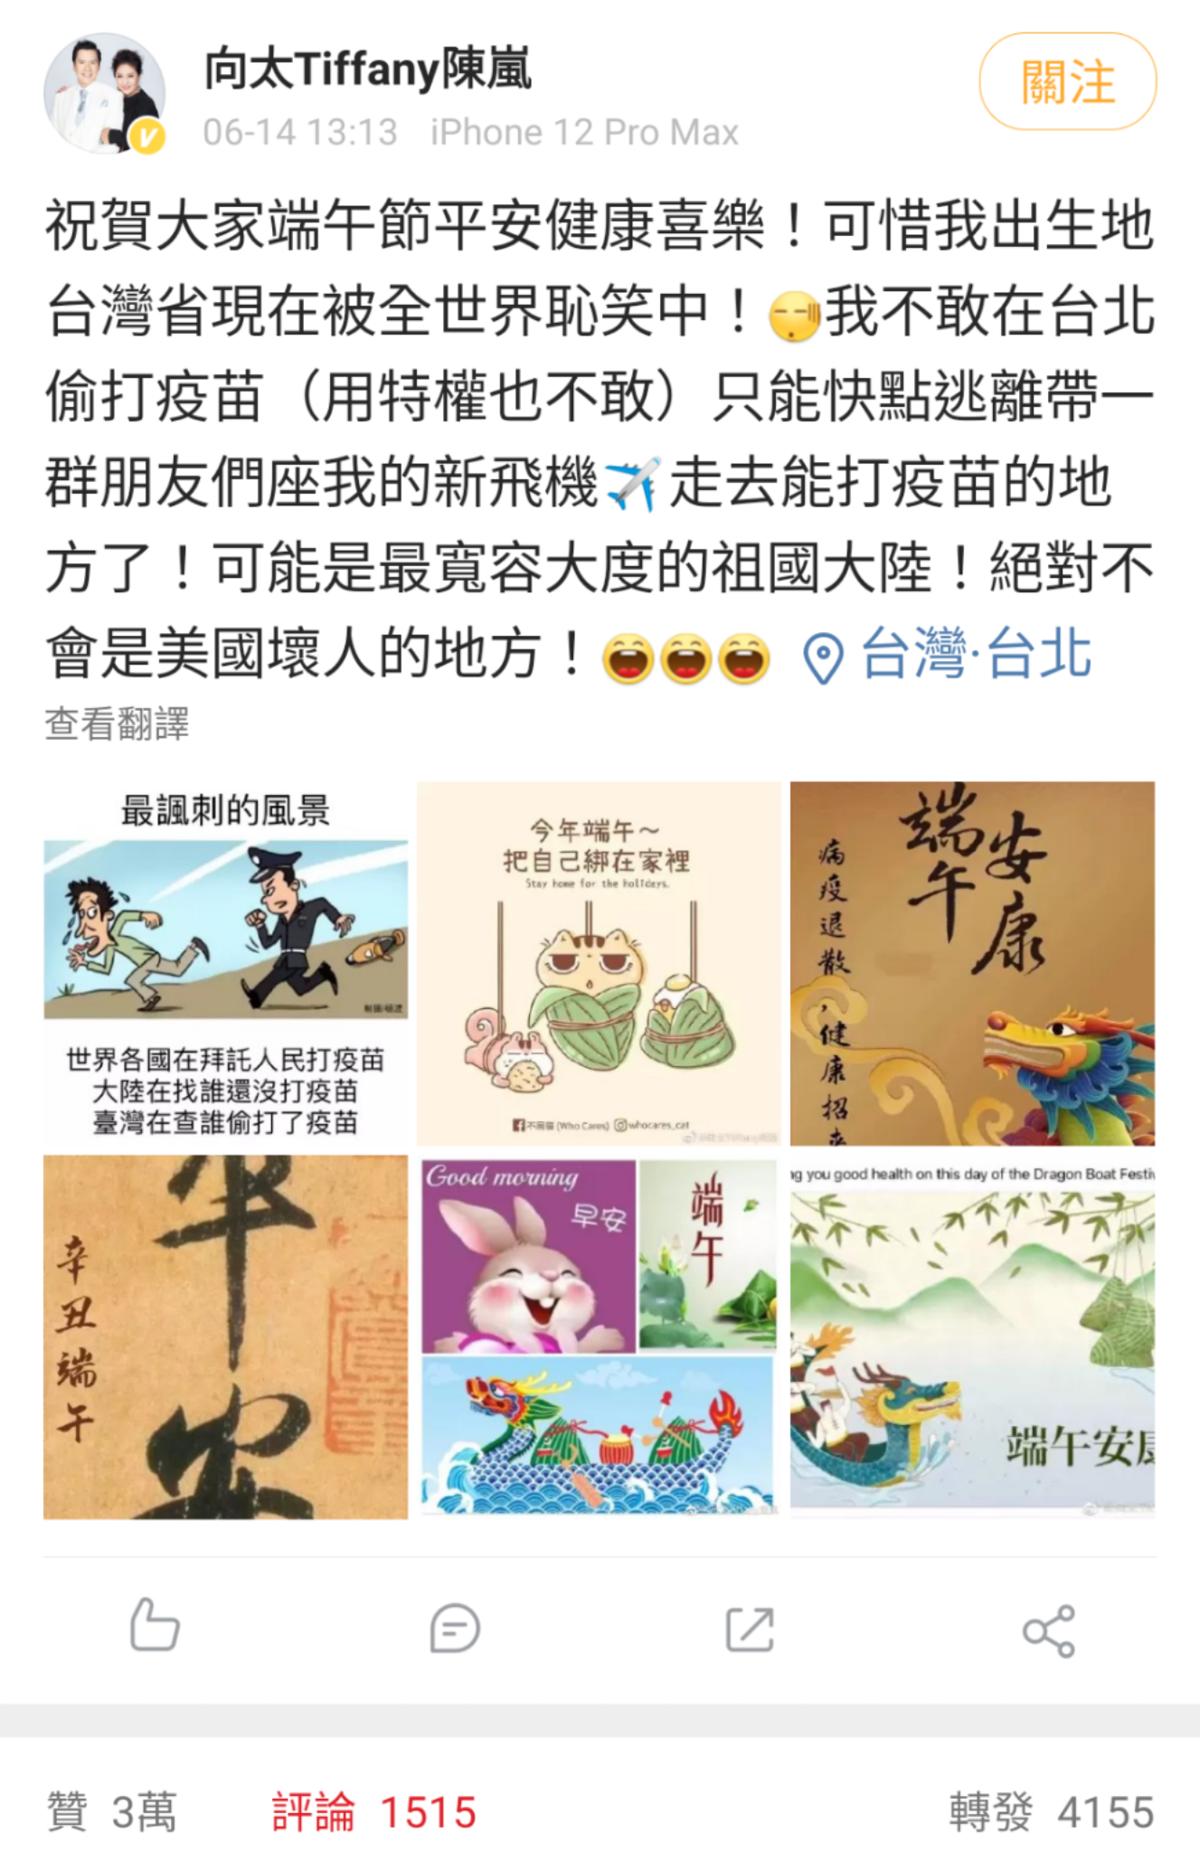 陳嵐微博除了貼出端午應景祝賀圖,也有一張諷刺台灣獵巫偷打疫苗者的漫畫。(陳嵐微博)